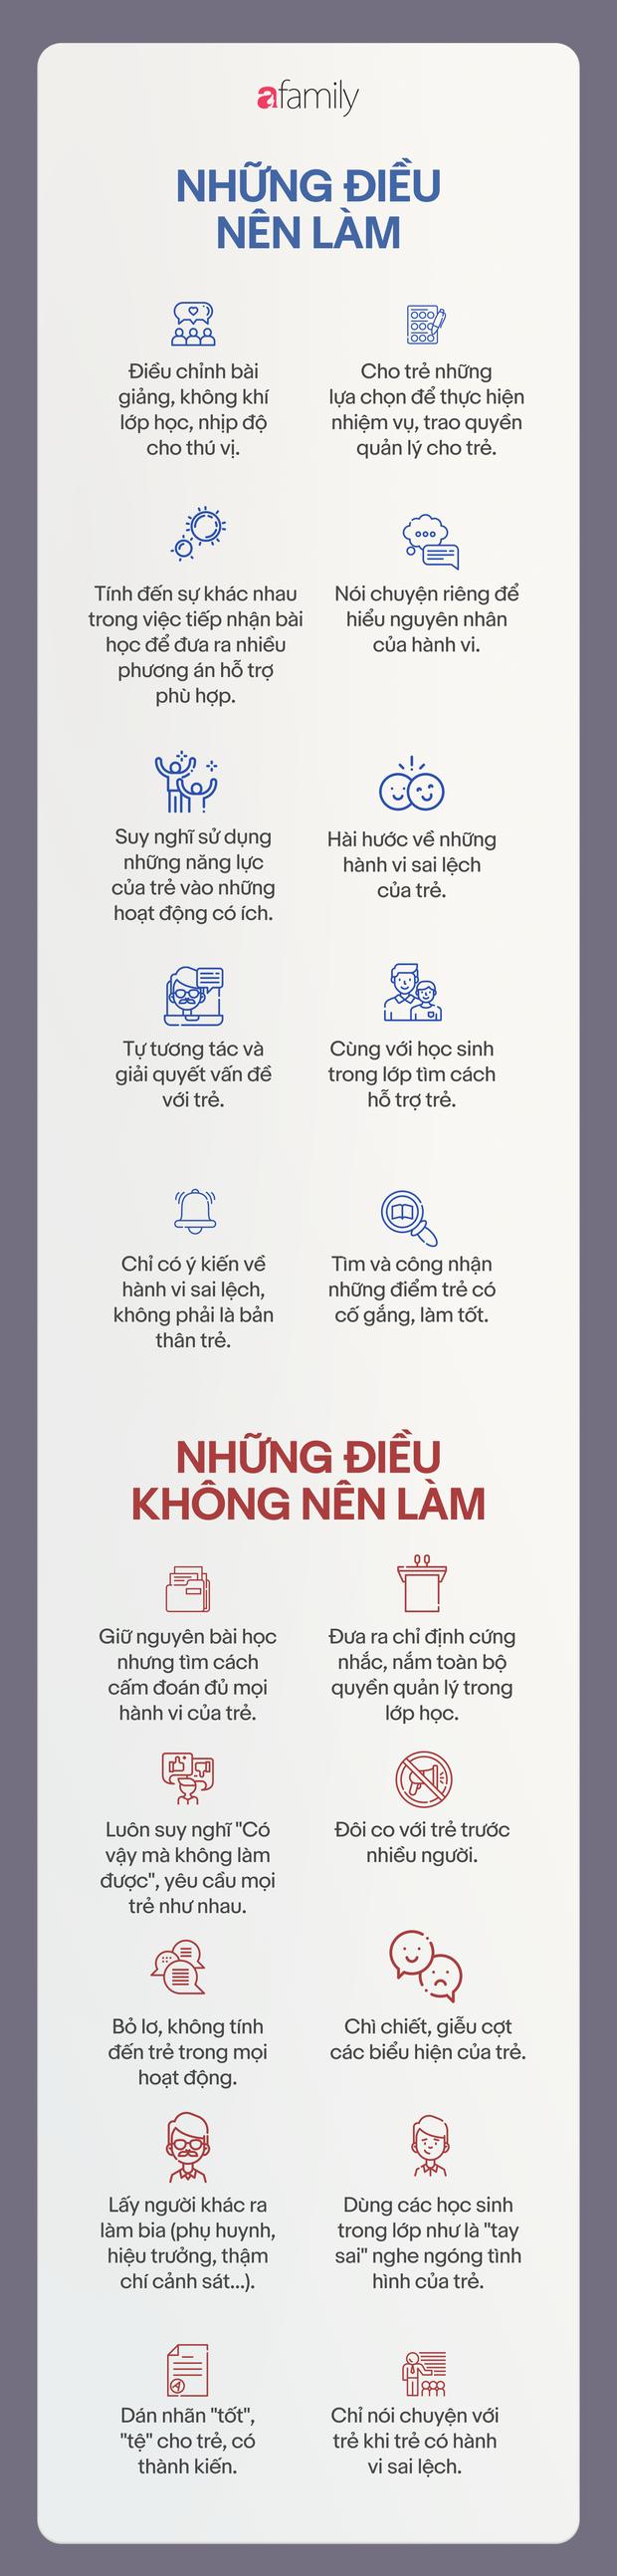 """Thạc sĩ tâm lý học Nguyễn Thị Chung: """"Xử lý"""" học trò quậy online mùa dịch, có cần mời công an vào cuộc? - Ảnh 5."""